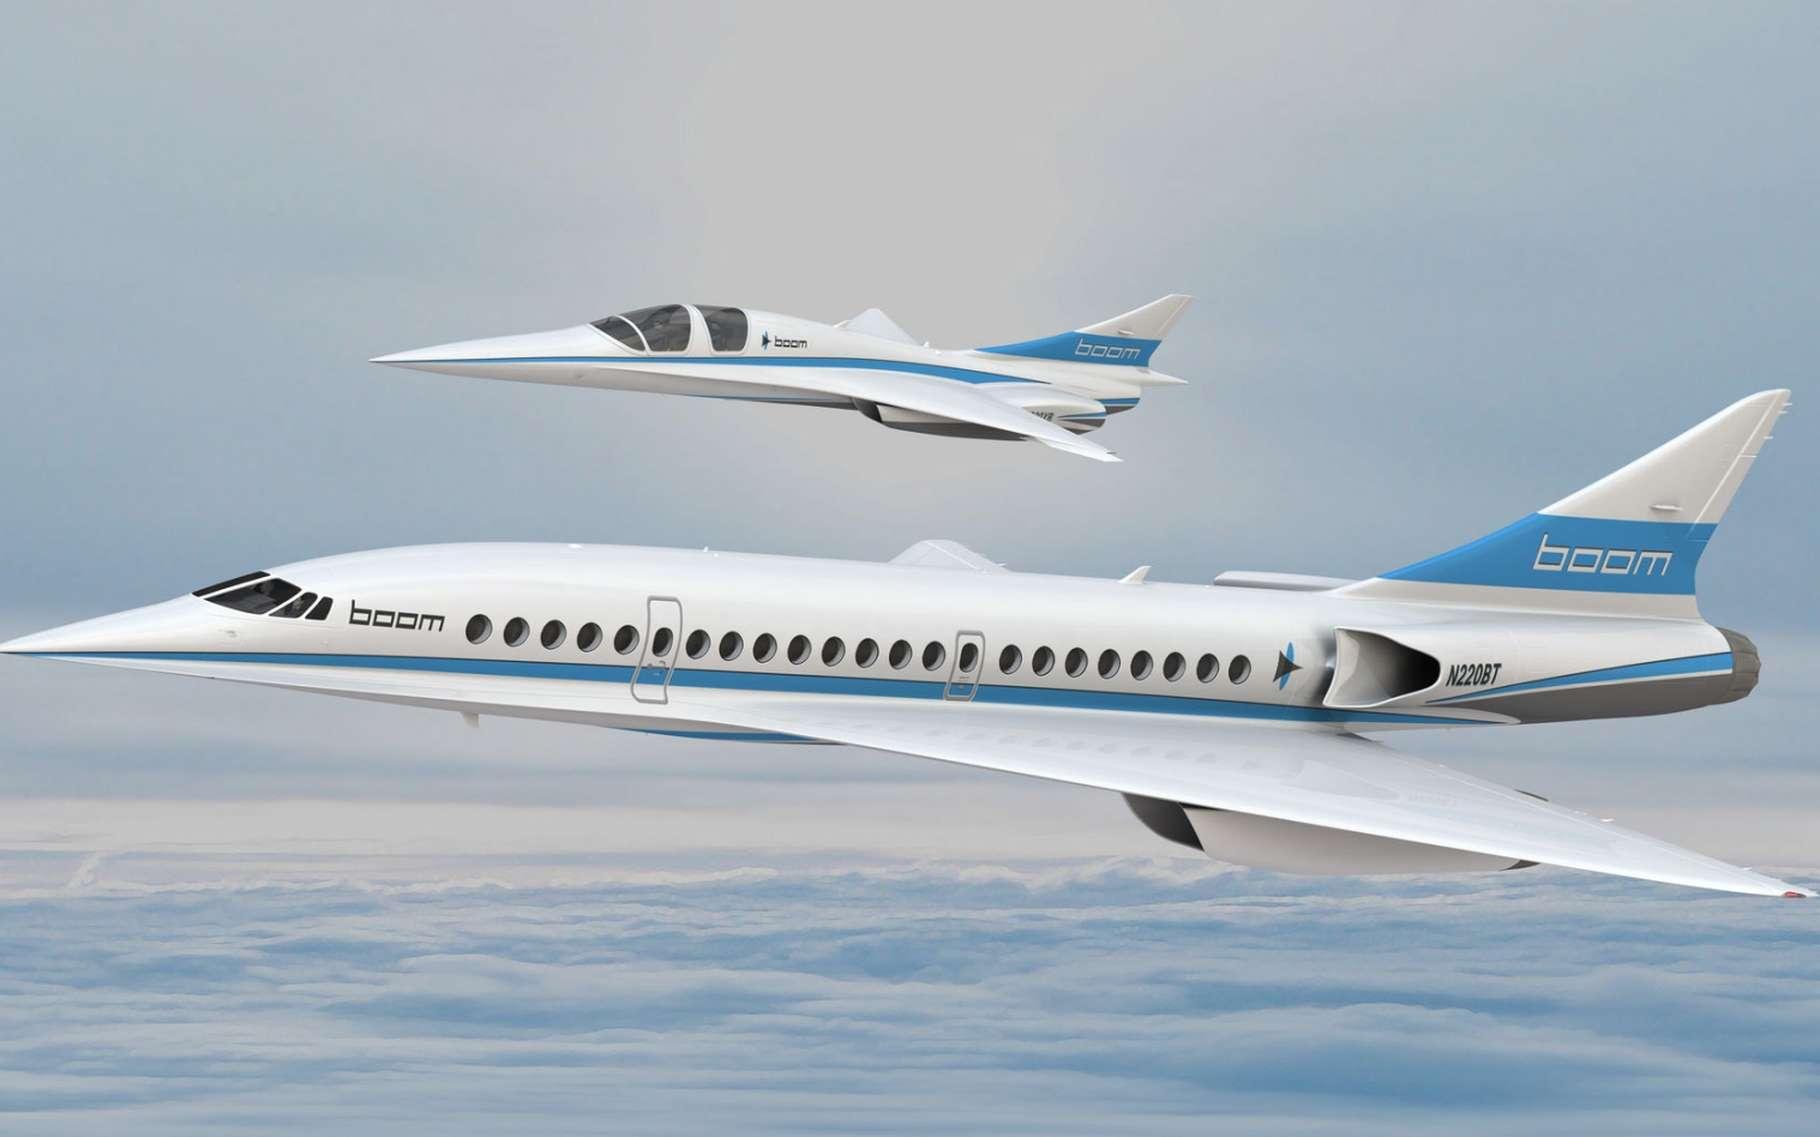 Le projet d'avion supersonique de l'entreprise américaine Boom, qui pourrait transporter une cinquantaine de passagers à Mach 2,2. Au-dessus de lui, le démonstrateur XB1, qui pourrait voler fin 2017. © Boom